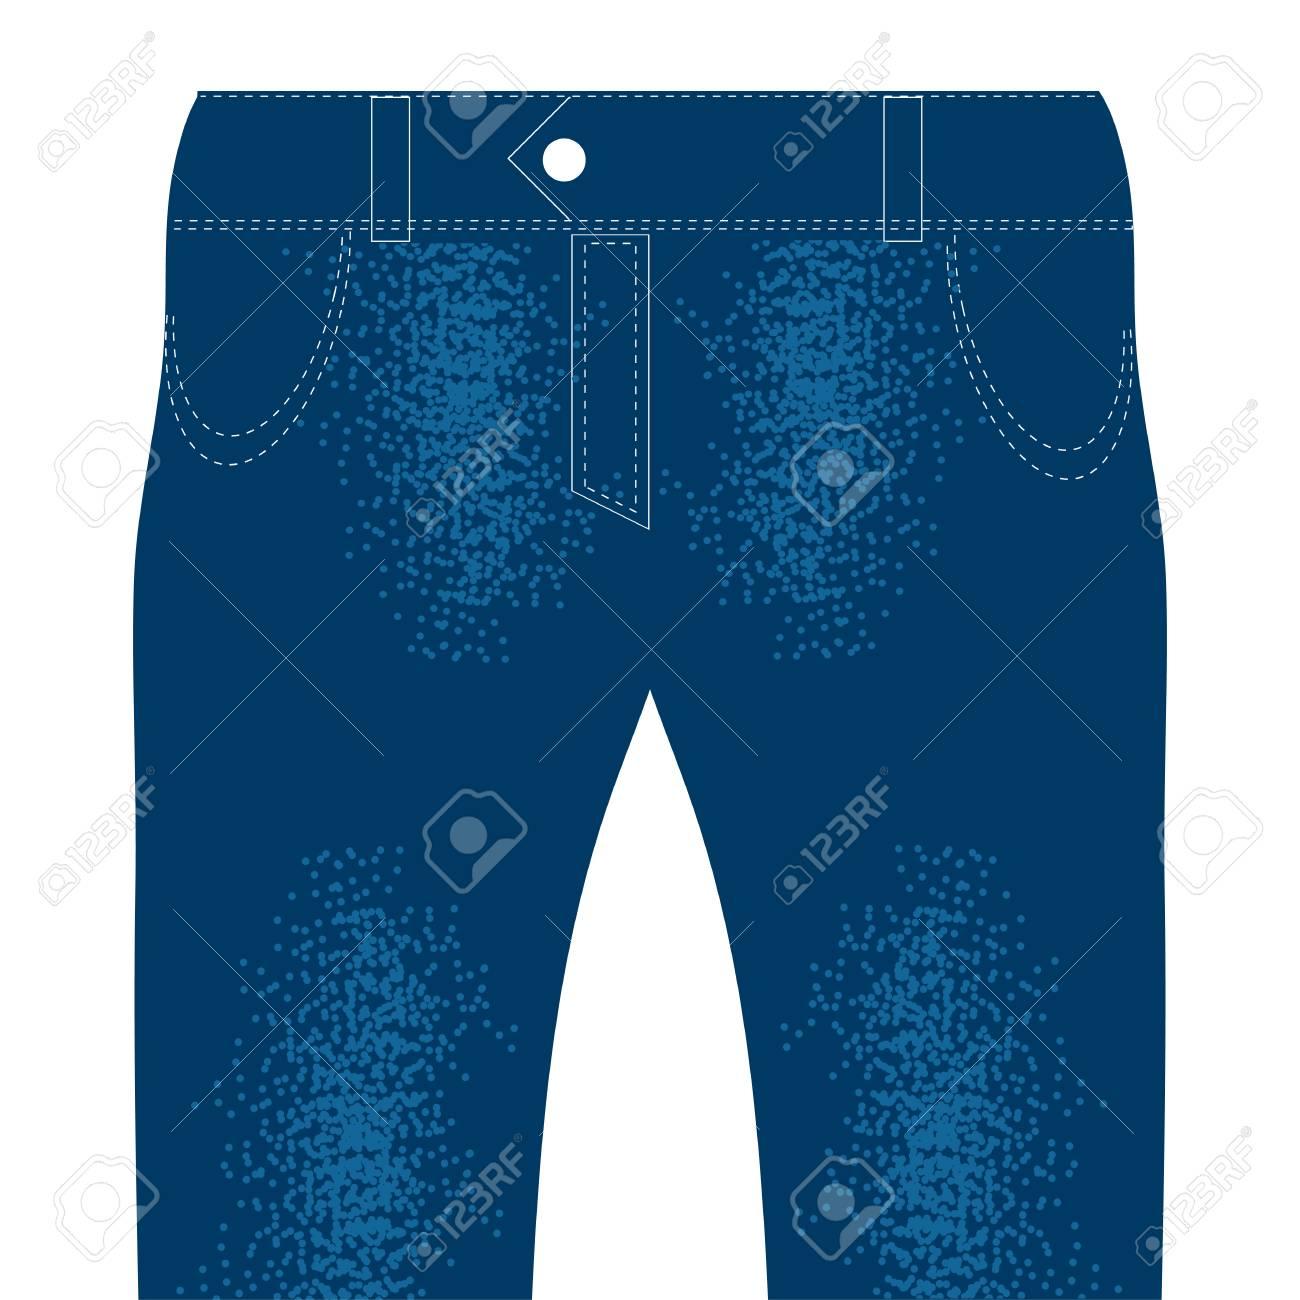 Blau Cotton Jeans Getrennt Auf Weißem Hintergrund. Lizenzfreie Fotos ...